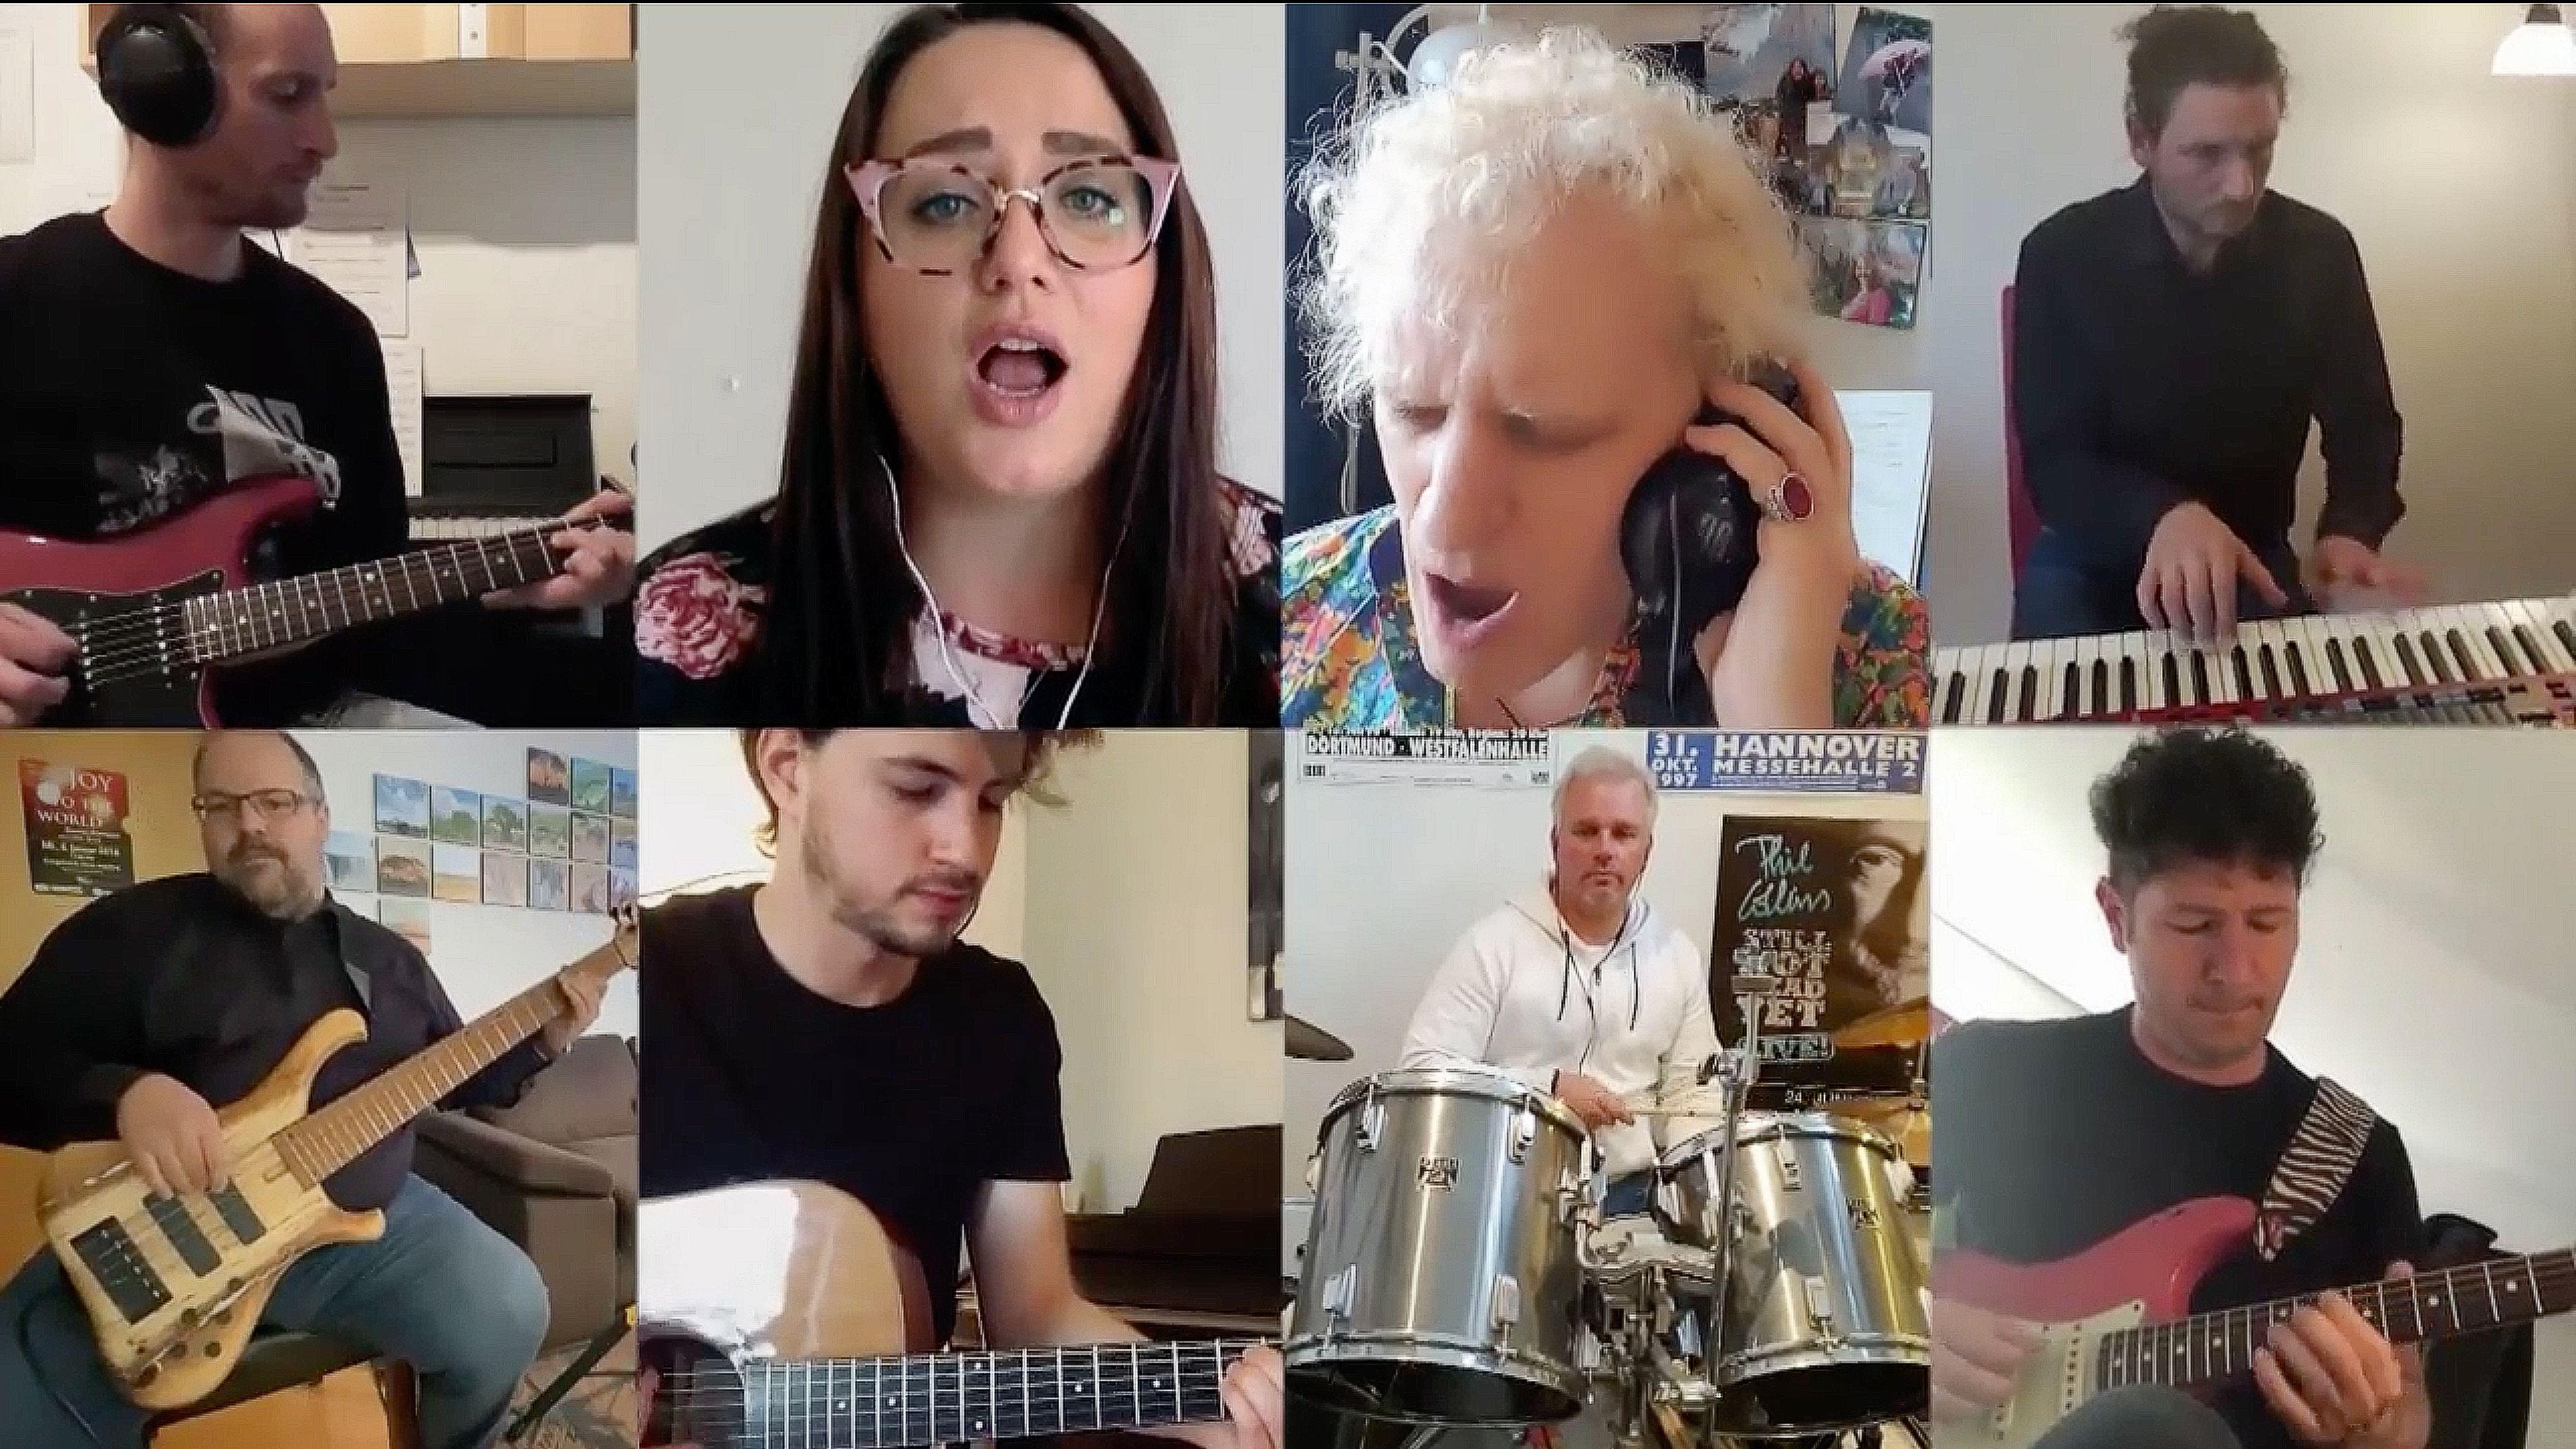 Splitscreen aus Bildern von musizierenden Menschen